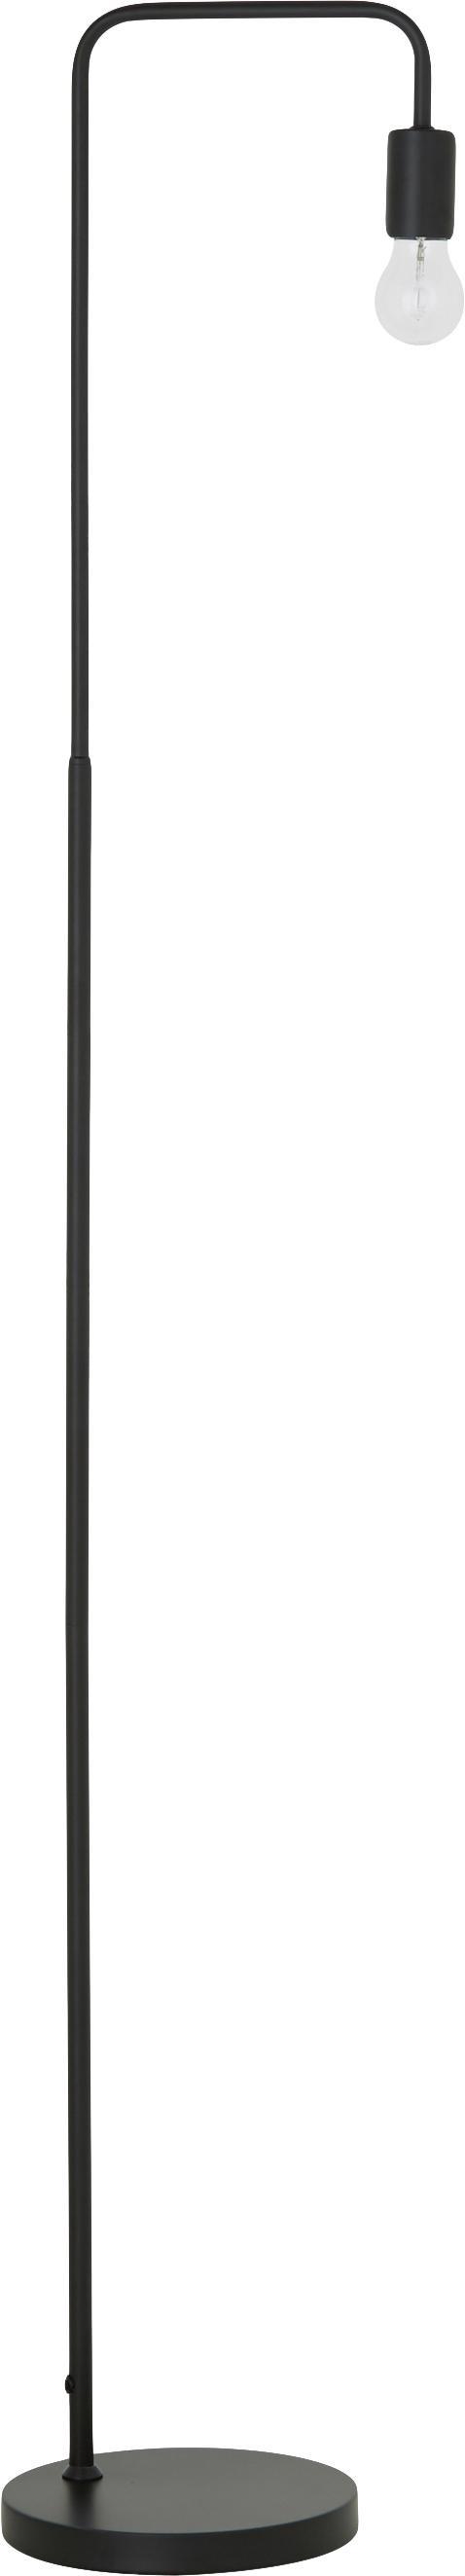 Lámpara de pie Flow, Estructura: metal con pintura en polv, Cable: cubierto en tela, Negro, An 33 x Al 153 cm